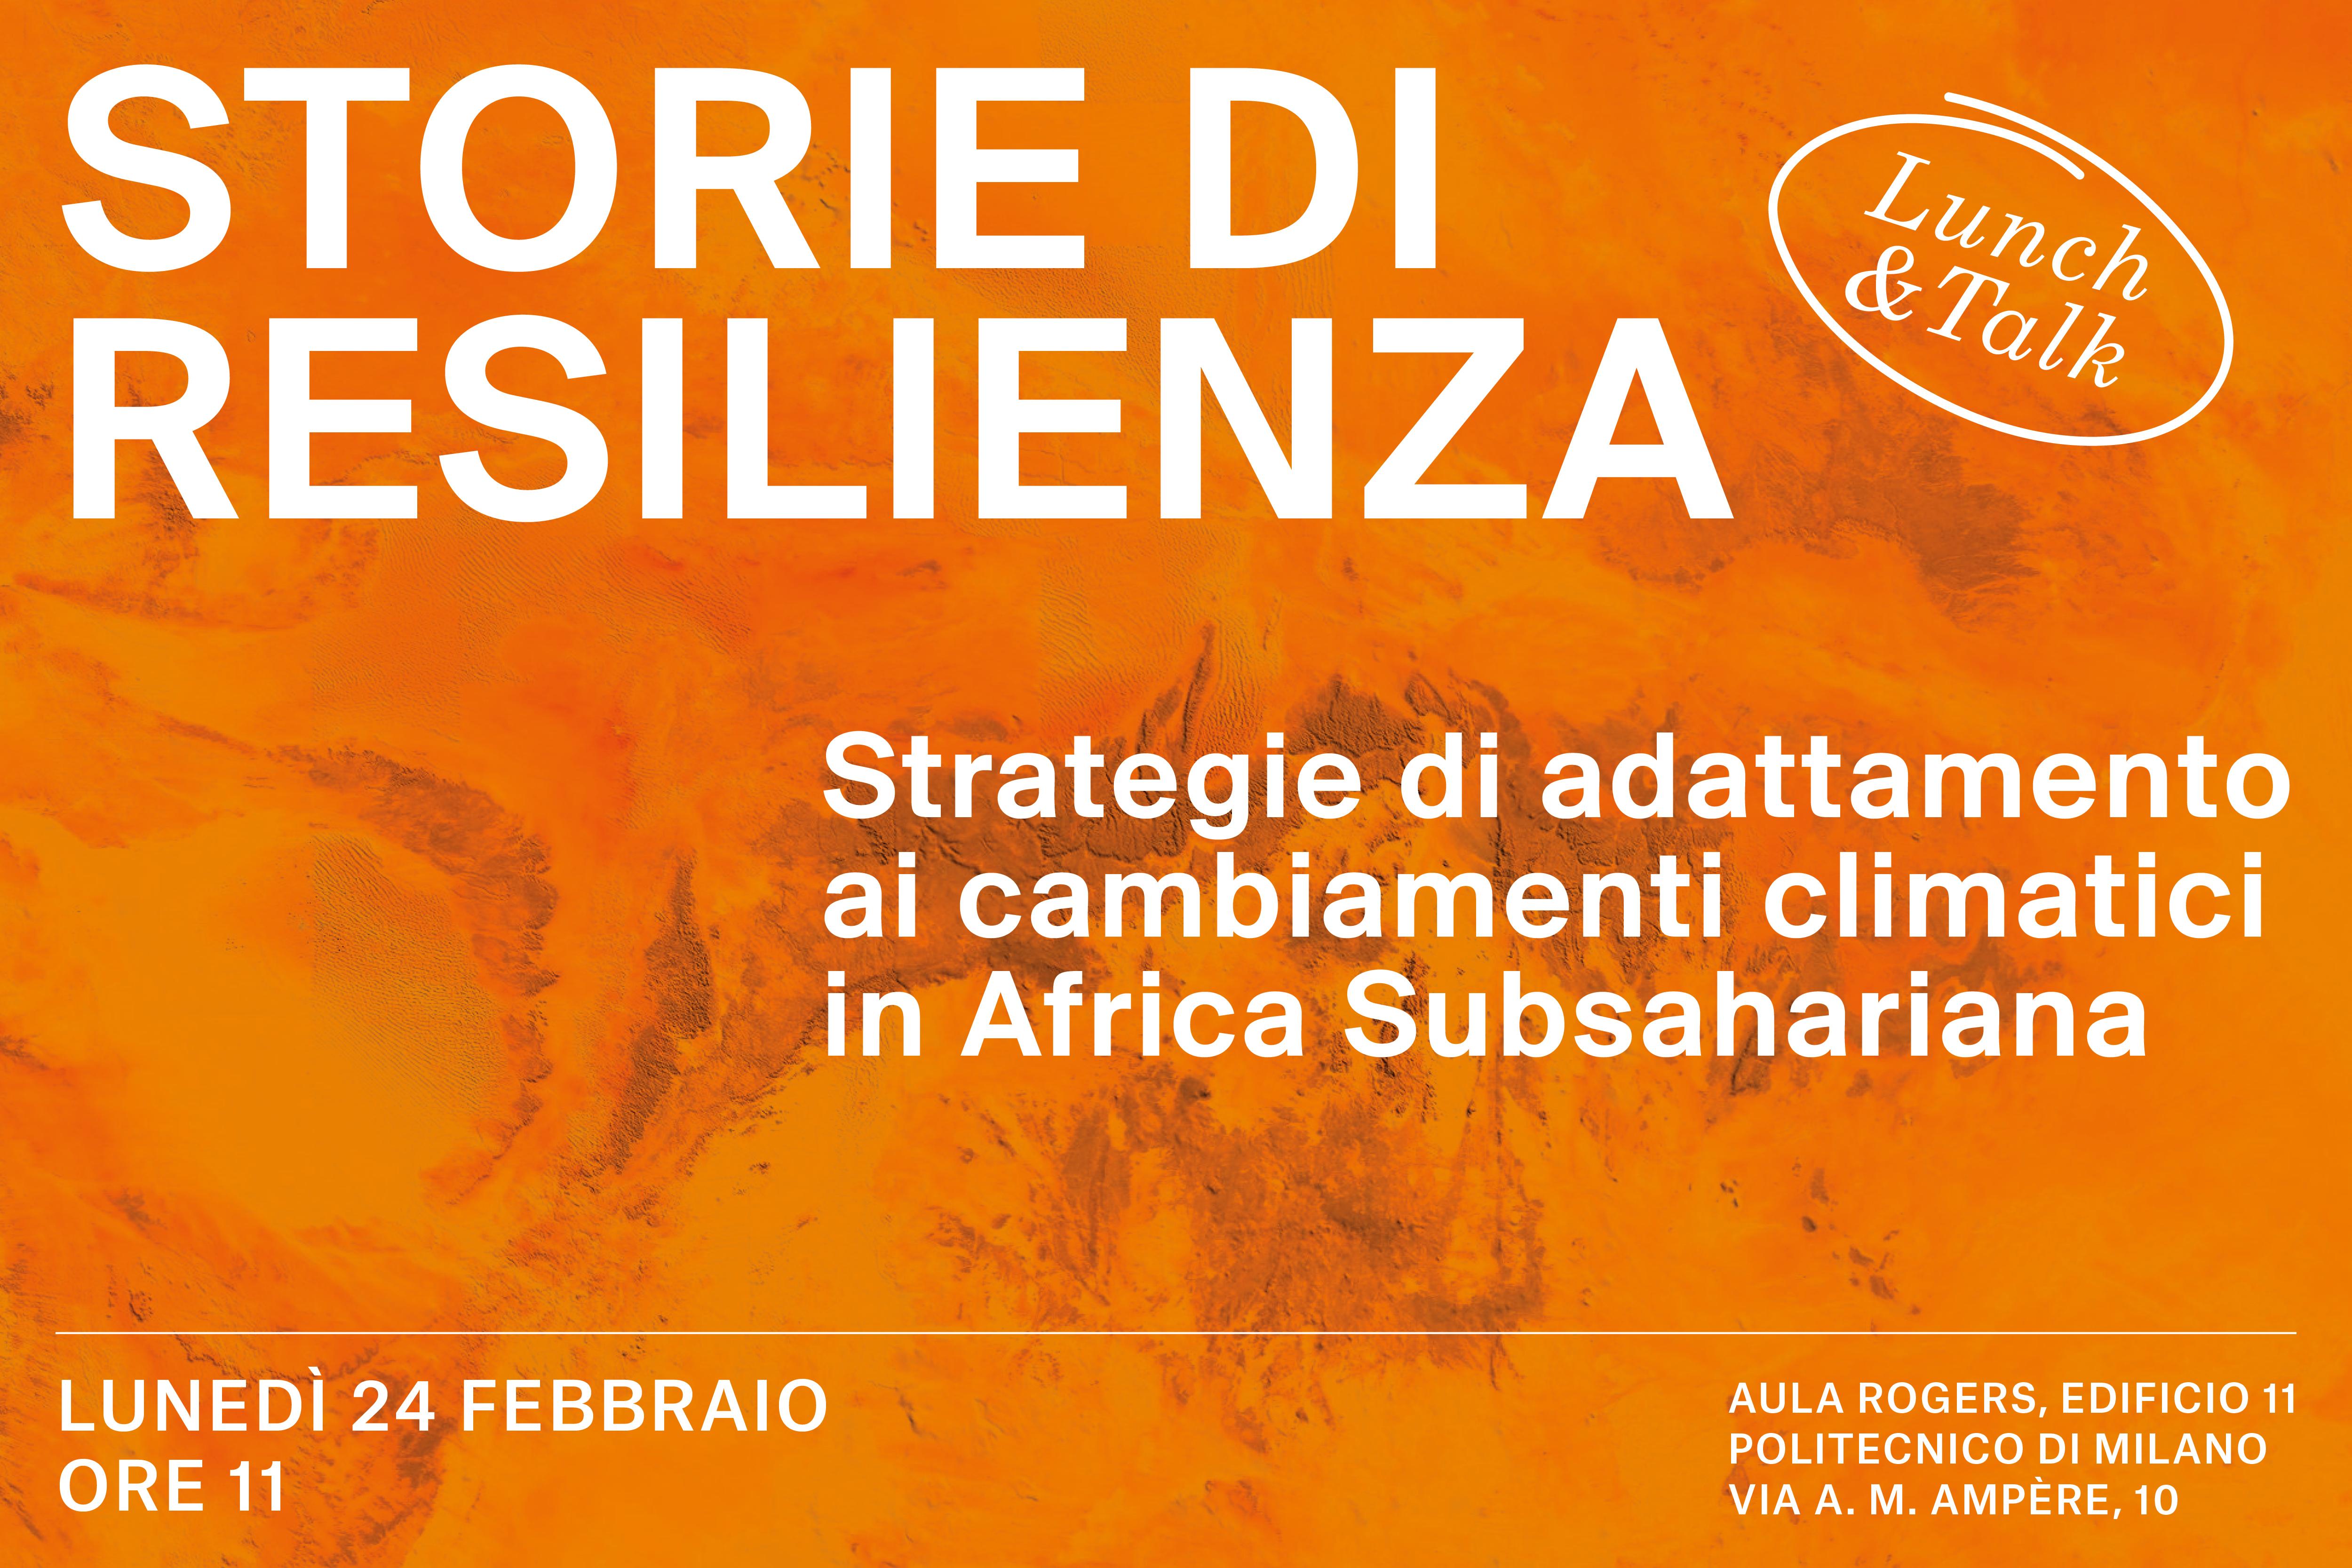 Storie di resilienza climatica: lunedì 24 febbraio al Politecnico di Milano